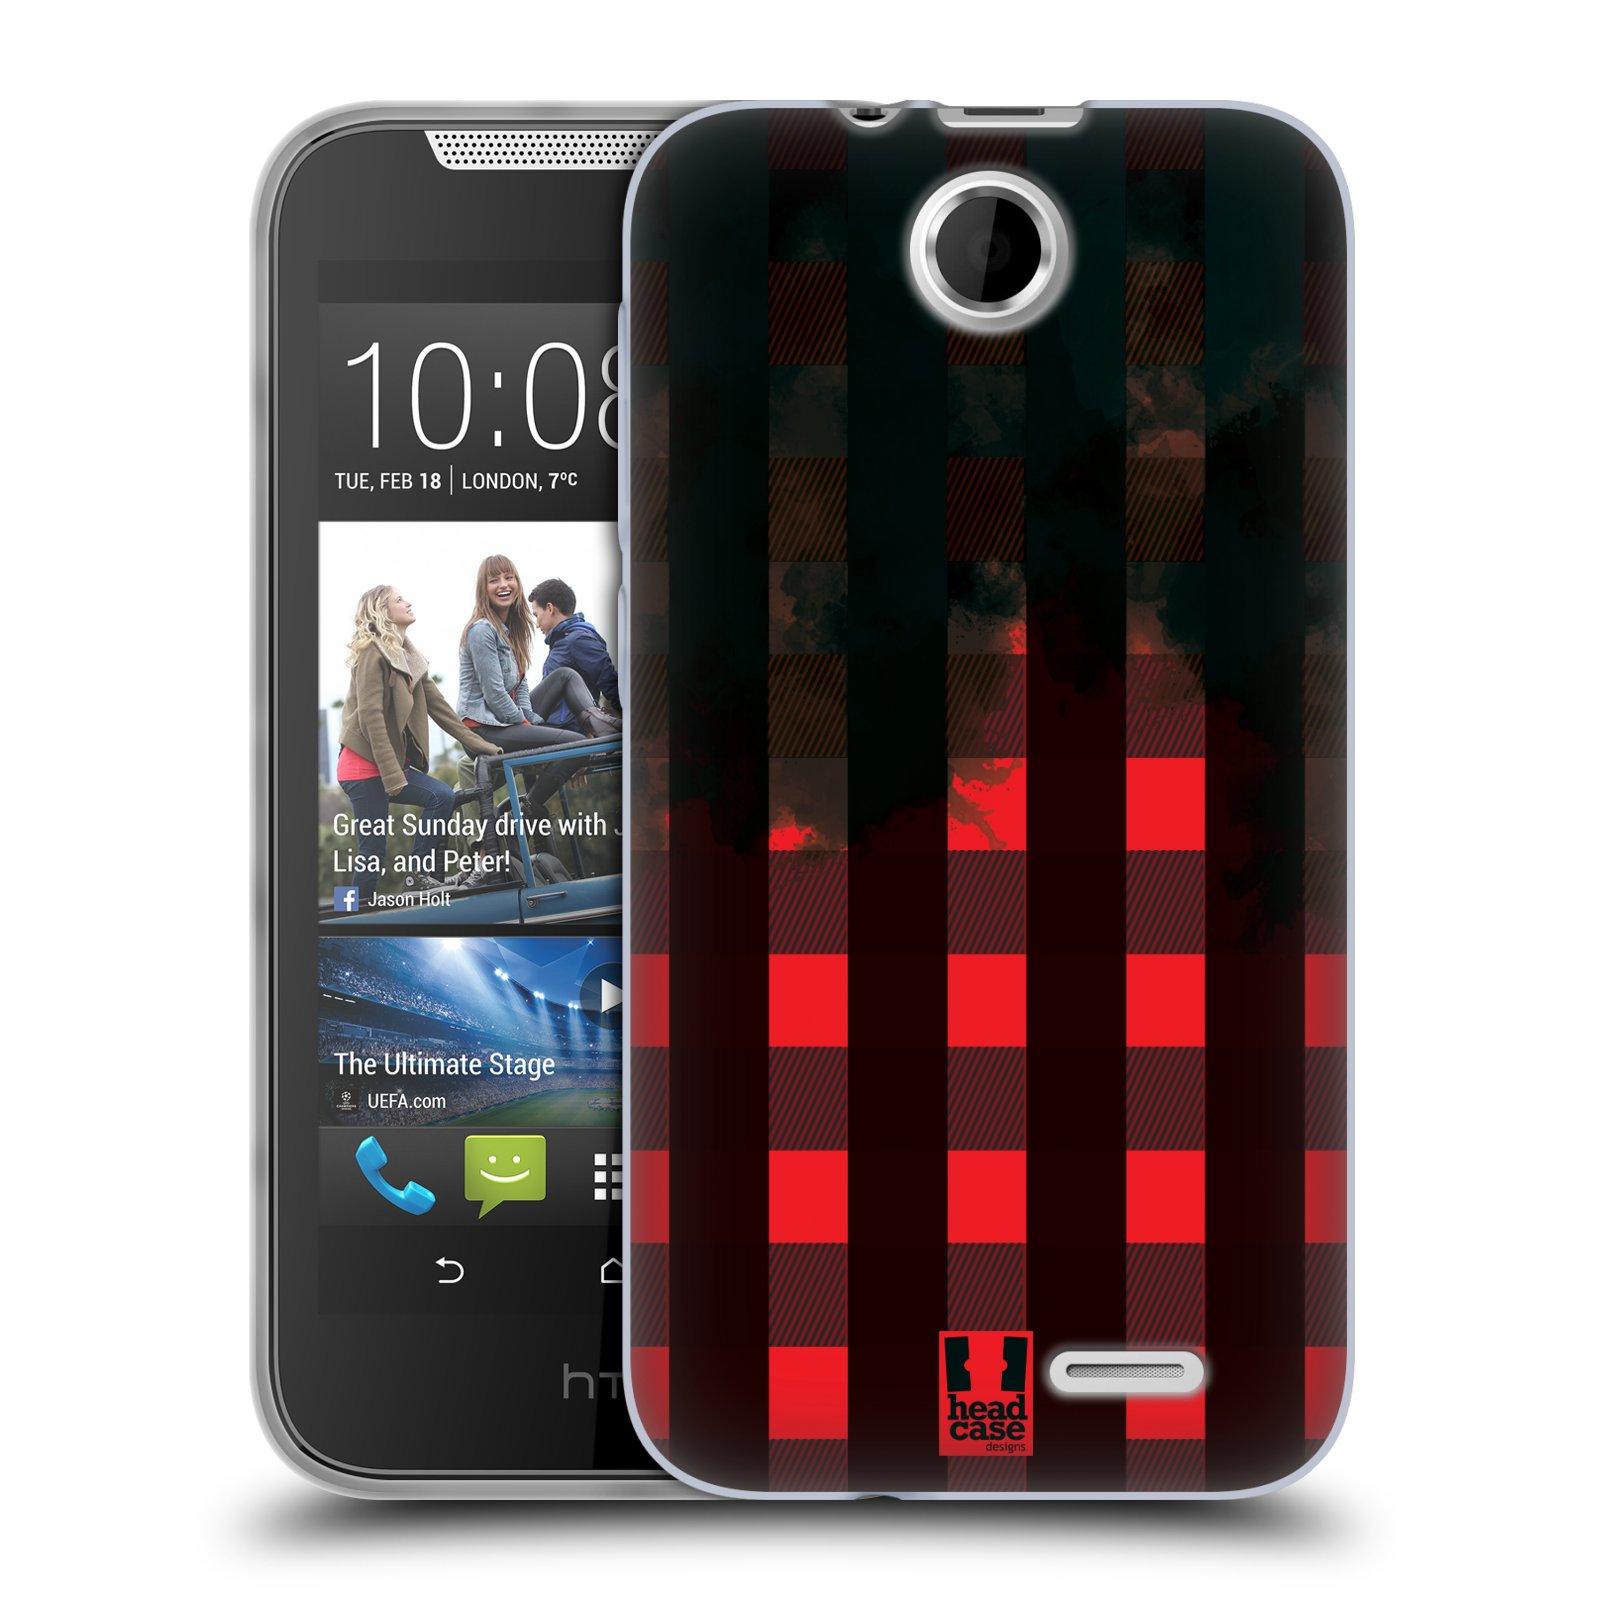 Silikonové pouzdro na mobil HTC Desire 310 HEAD CASE FLANEL RED BLACK (Silikonový kryt či obal na mobilní telefon HTC Desire 310)